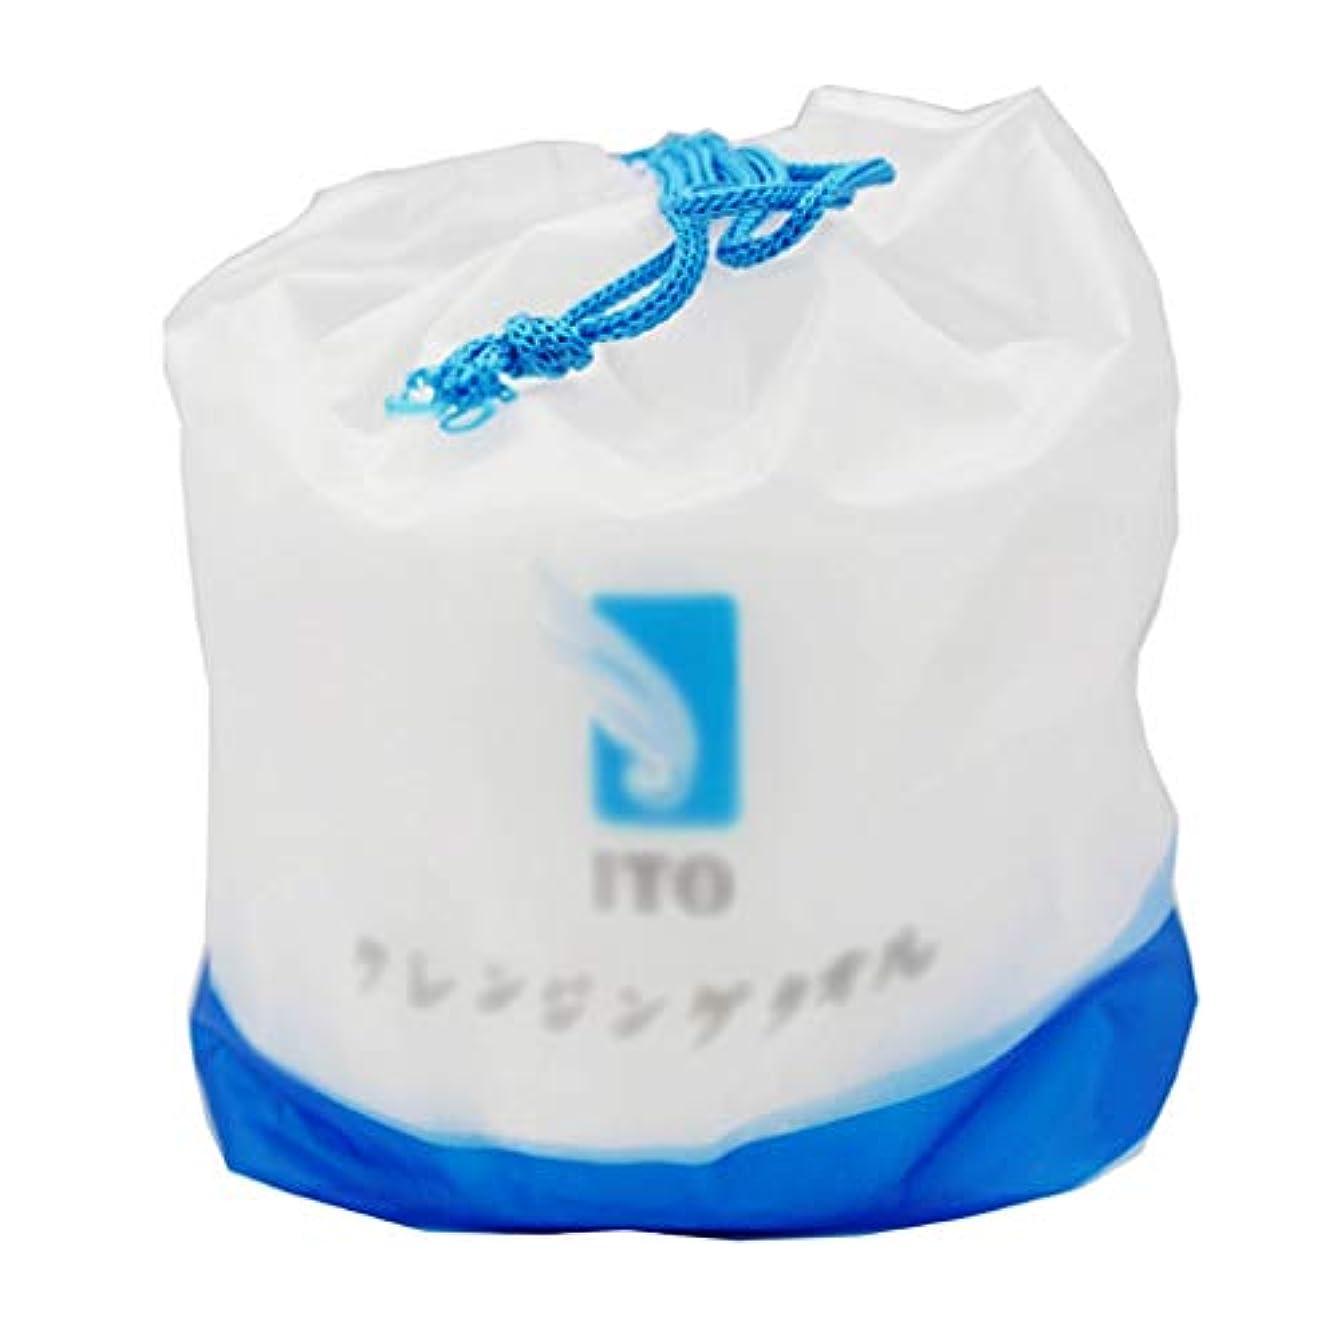 エンドテーブルフリンジ暫定のクレンジングシート 綿美容フェイスタオル使い捨てクレンジングタオルタオルロール綿パッド女性の美容ツール多目的 (Color : White, サイズ : 20*25cm)